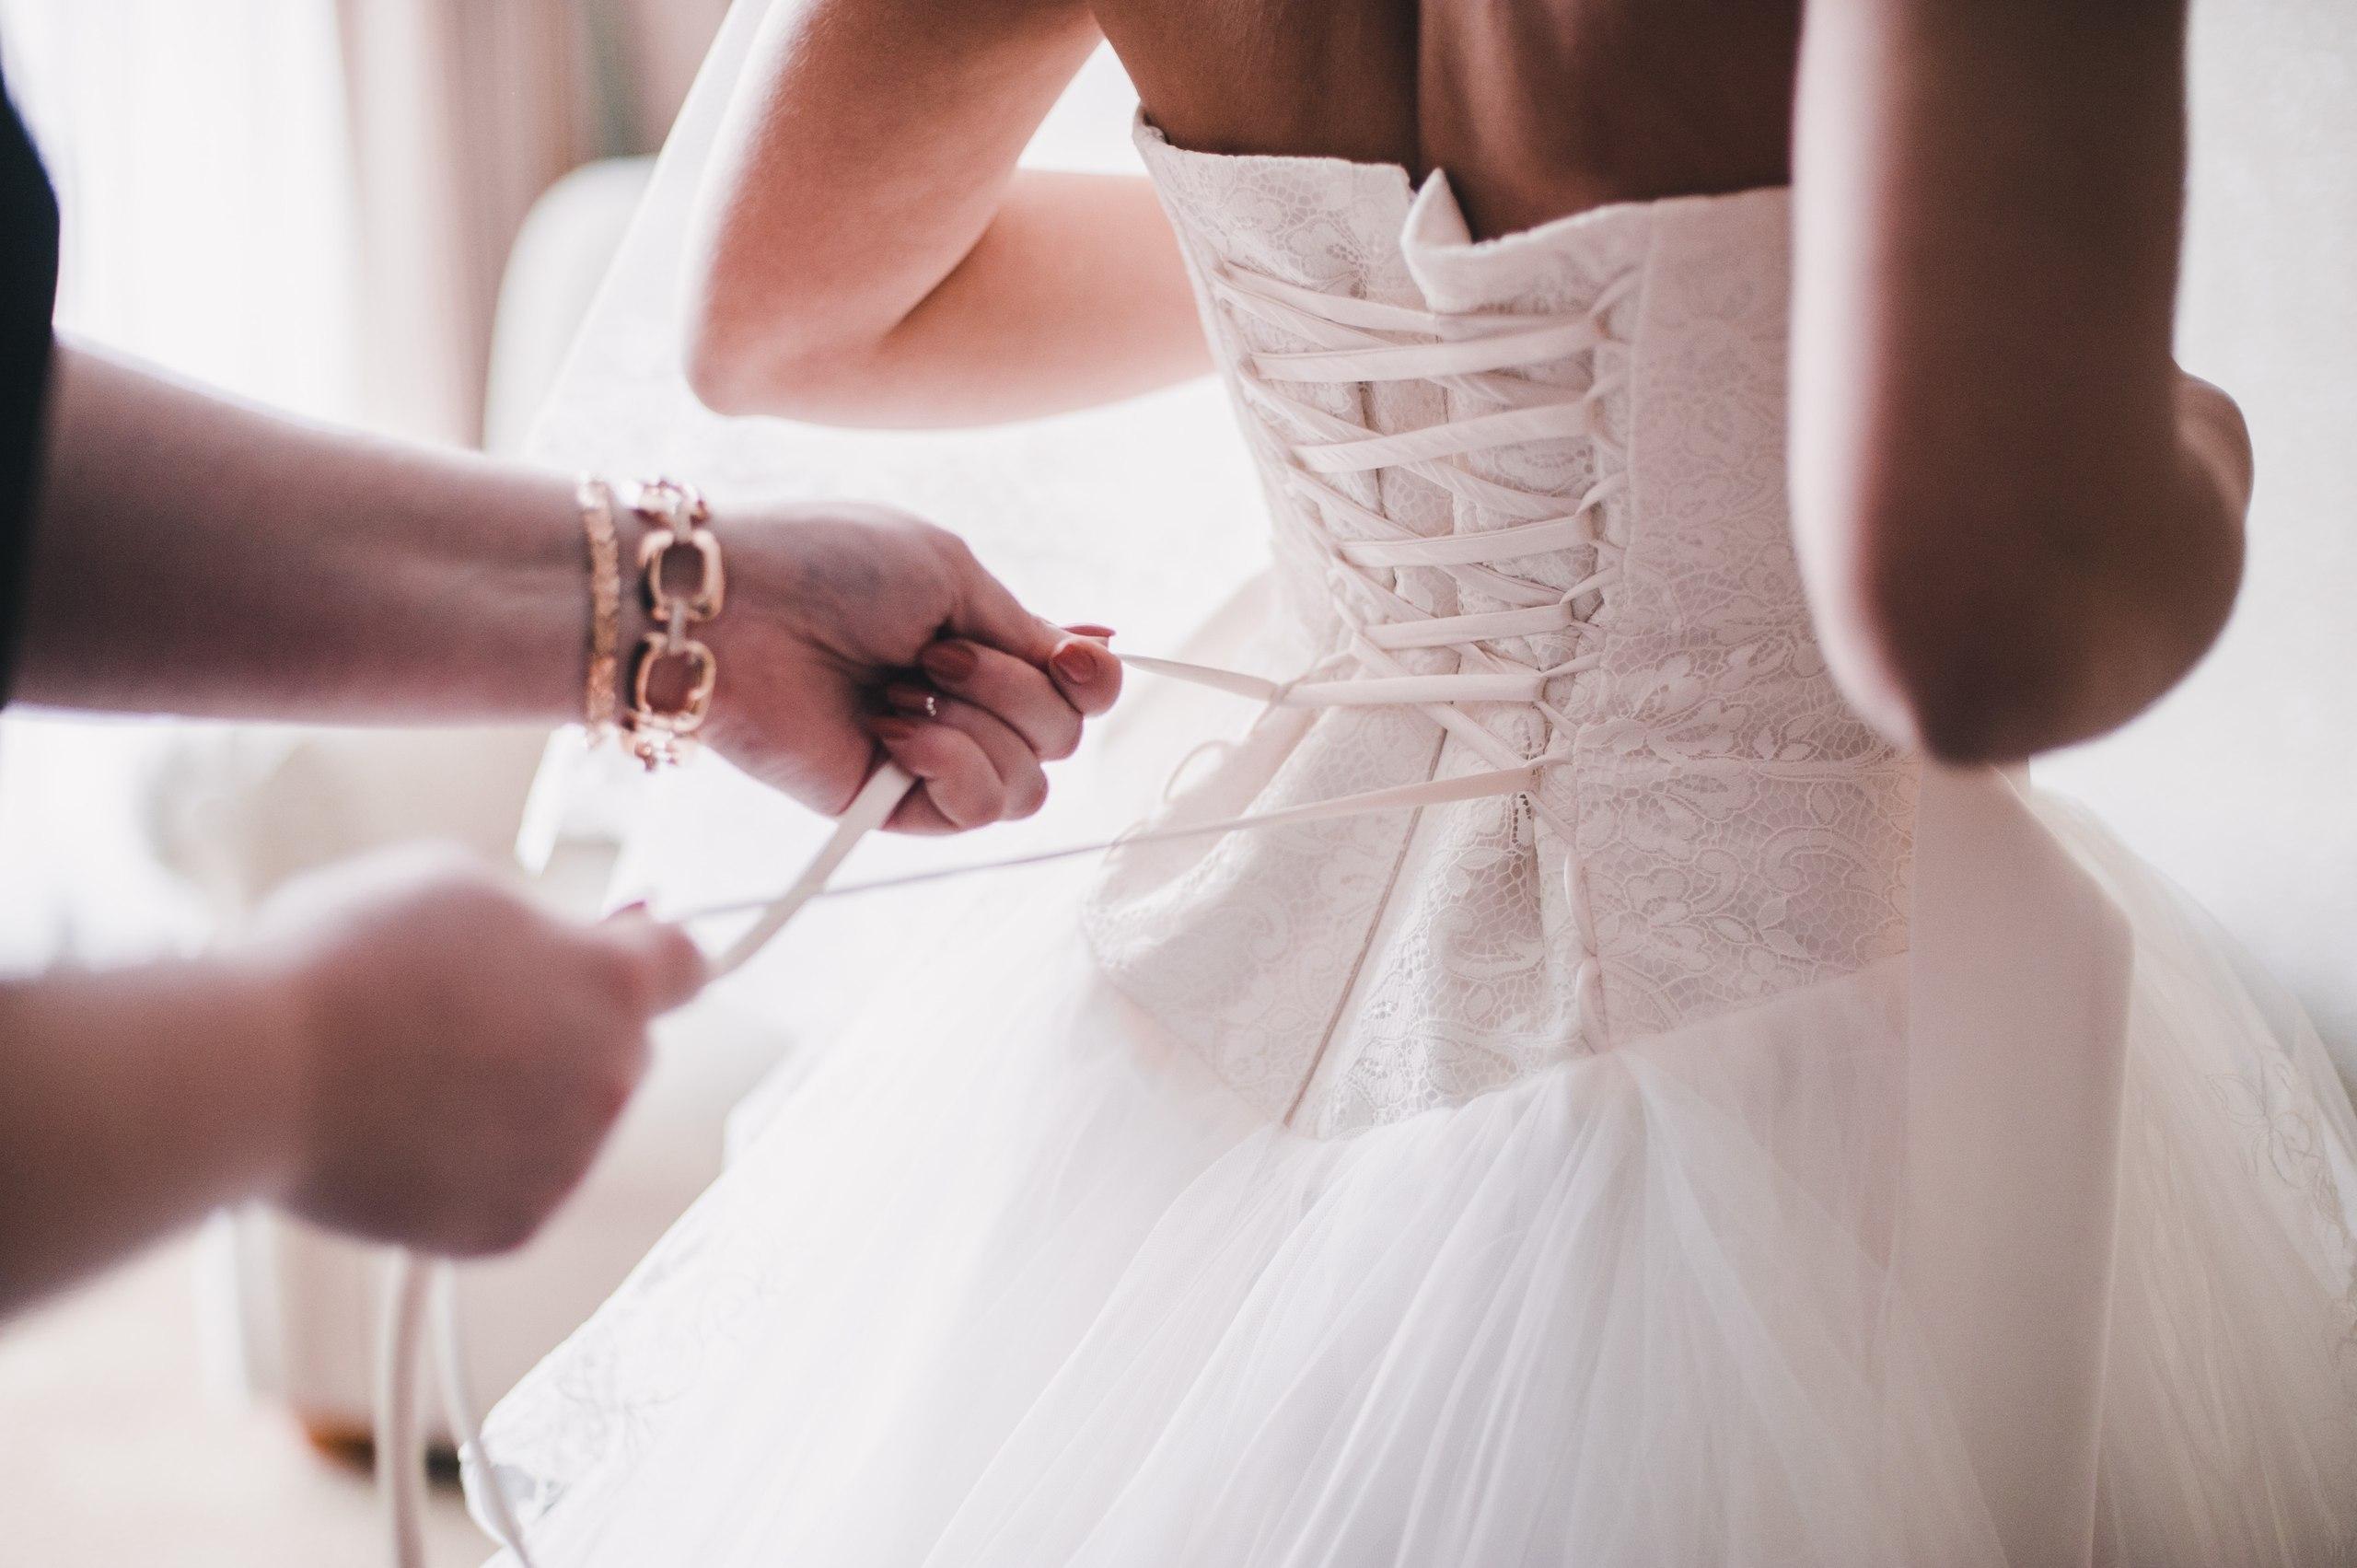 Verkauf von Second Hand-Brautkleidern steigt in 2016 um 53 ...